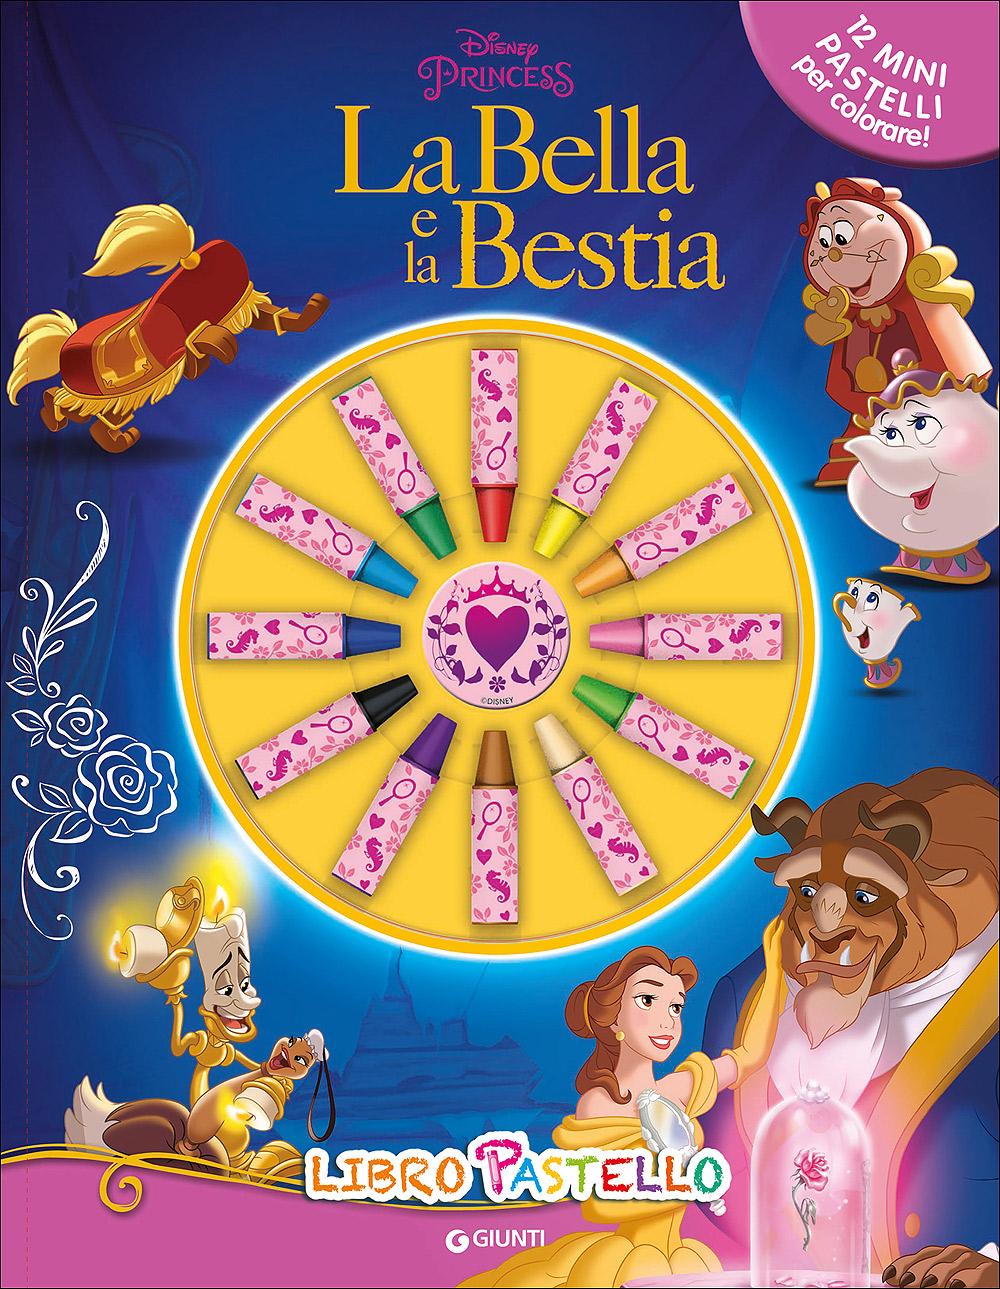 Libro Pastello - La Bella e la Bestia